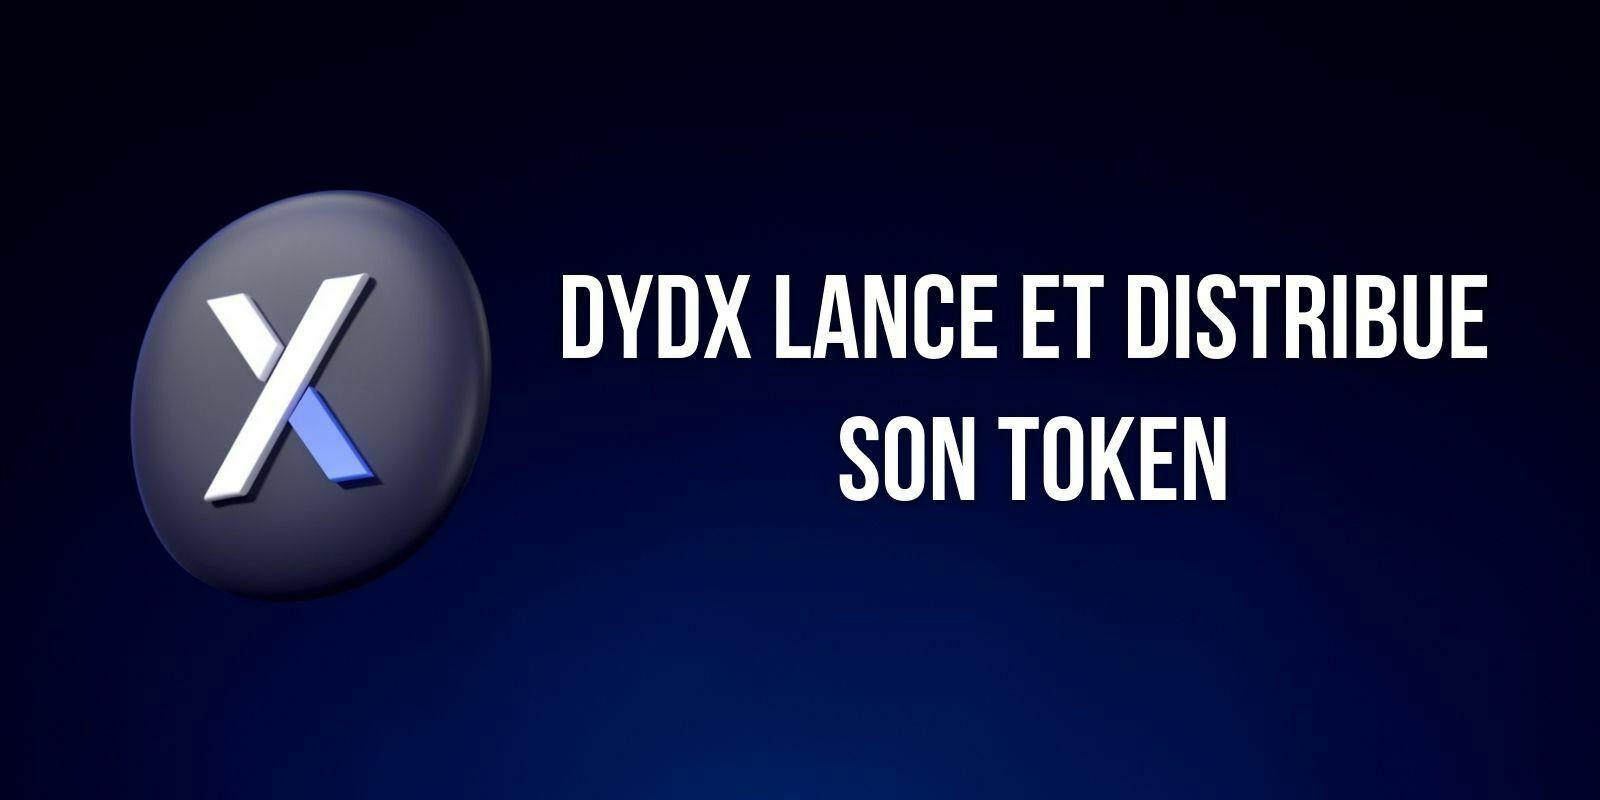 L'exchange décentralisé (DEX) dYdX lance son token et en distribue 75 millions